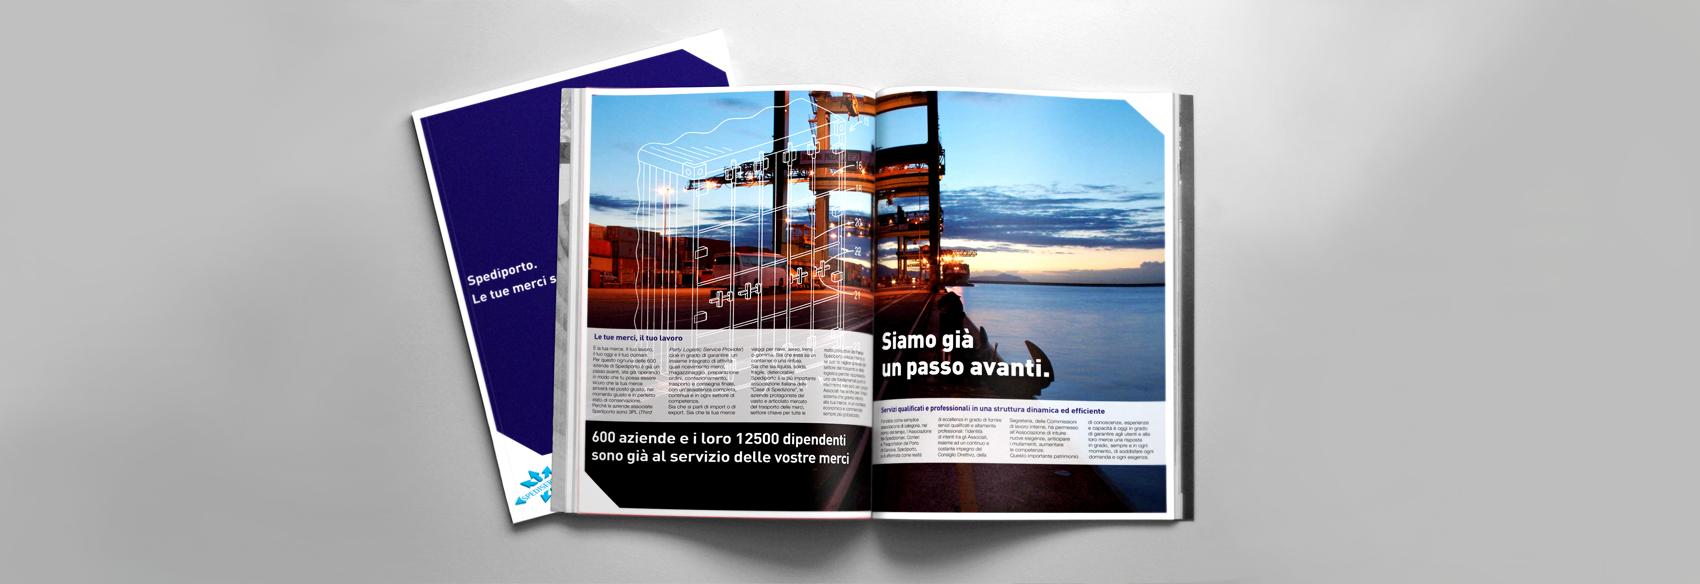 materiale-editoriale-spediporto-clienti-MeRcomm